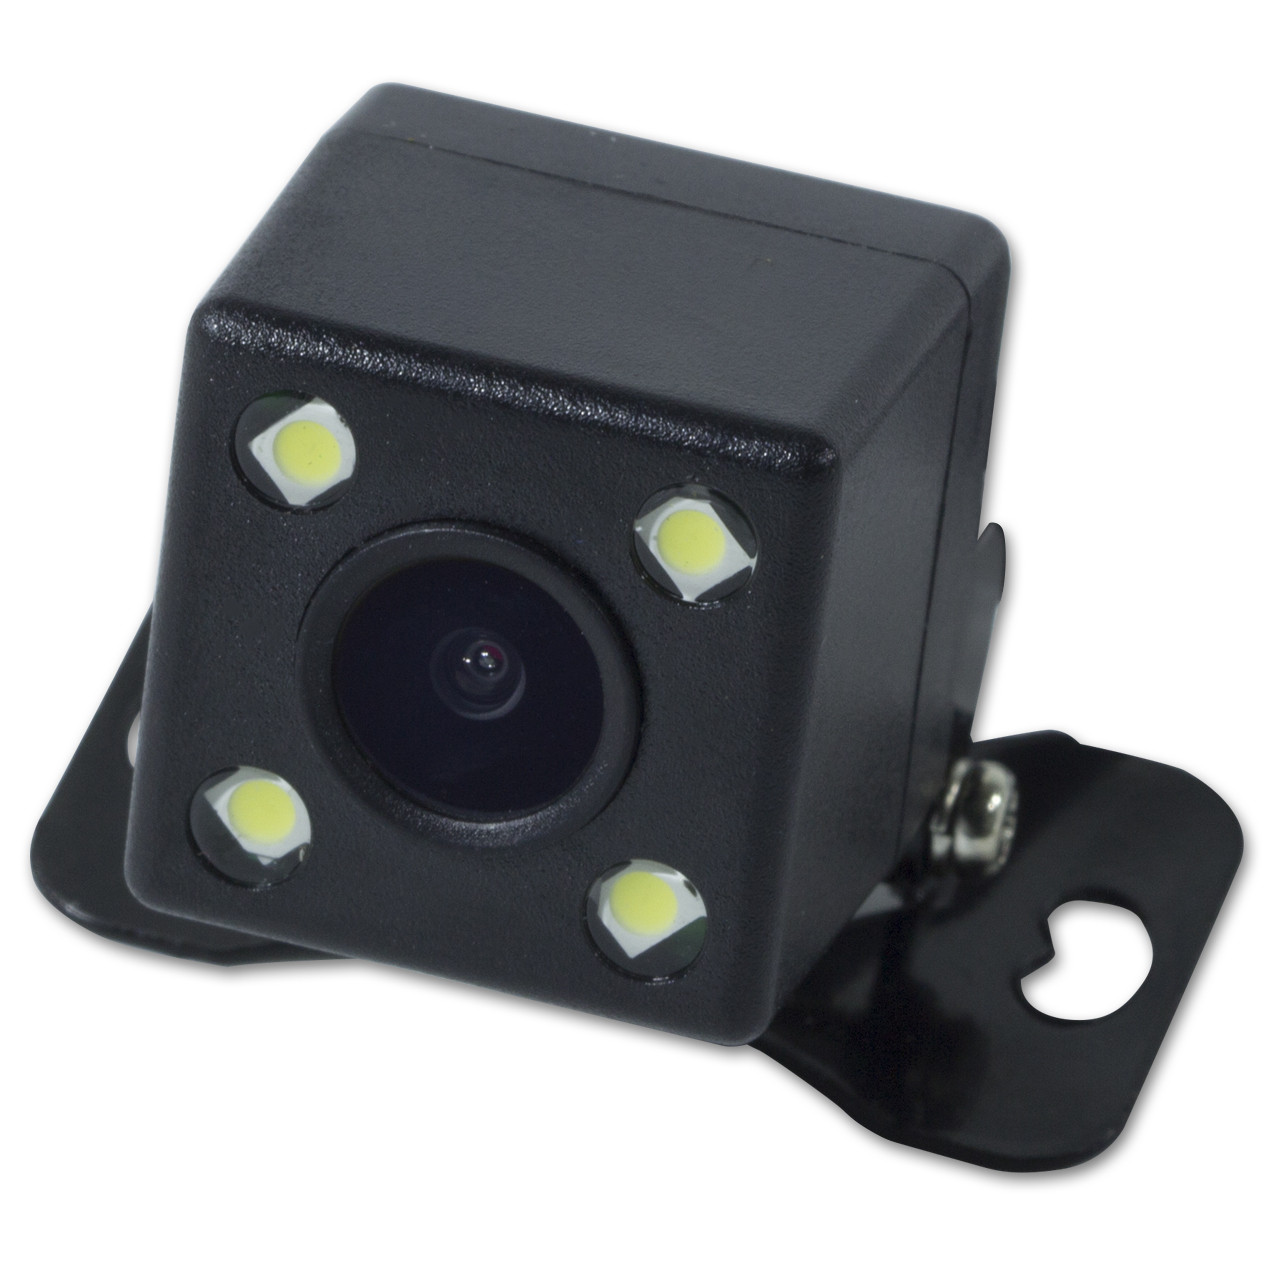 Камера заднего вида 7070 качестенная универсальная высокое разрешение road camera volkswagen toyota skoda